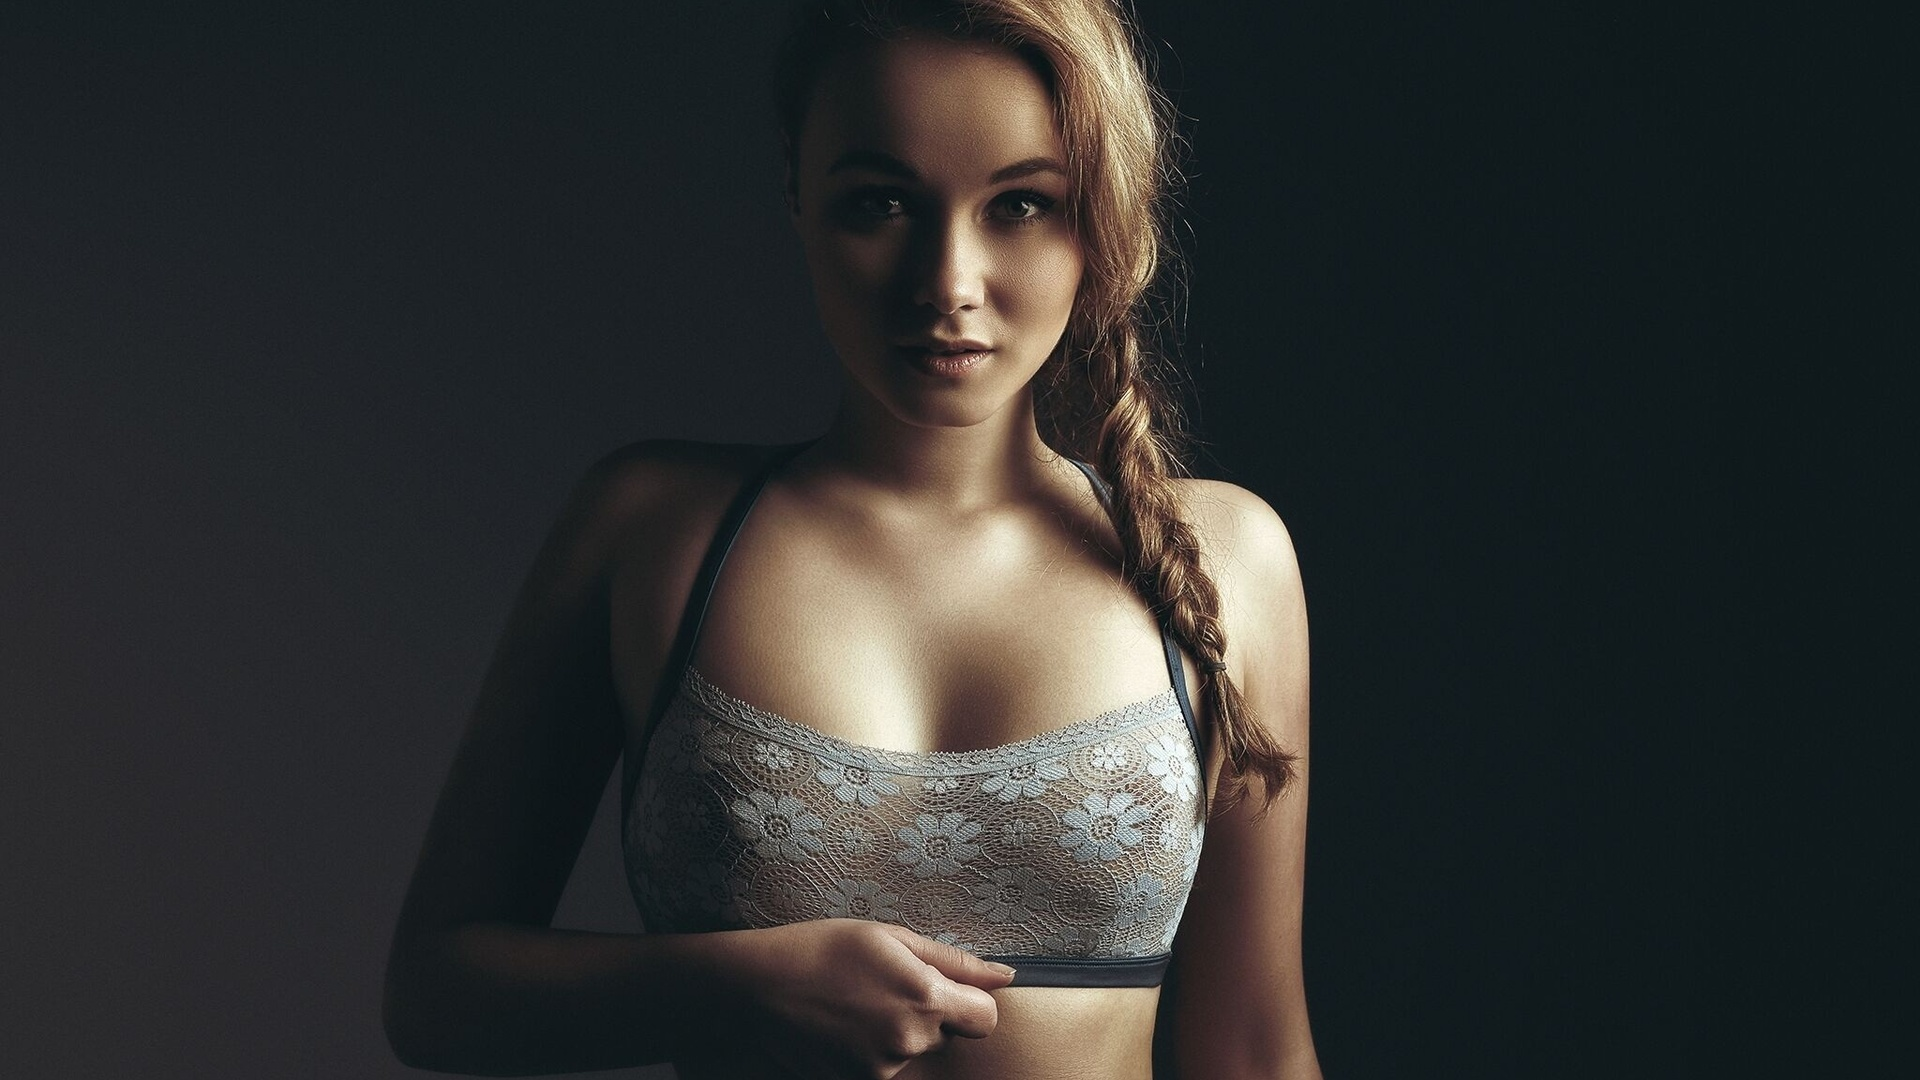 красивые сосочки девушке фото сайте работают